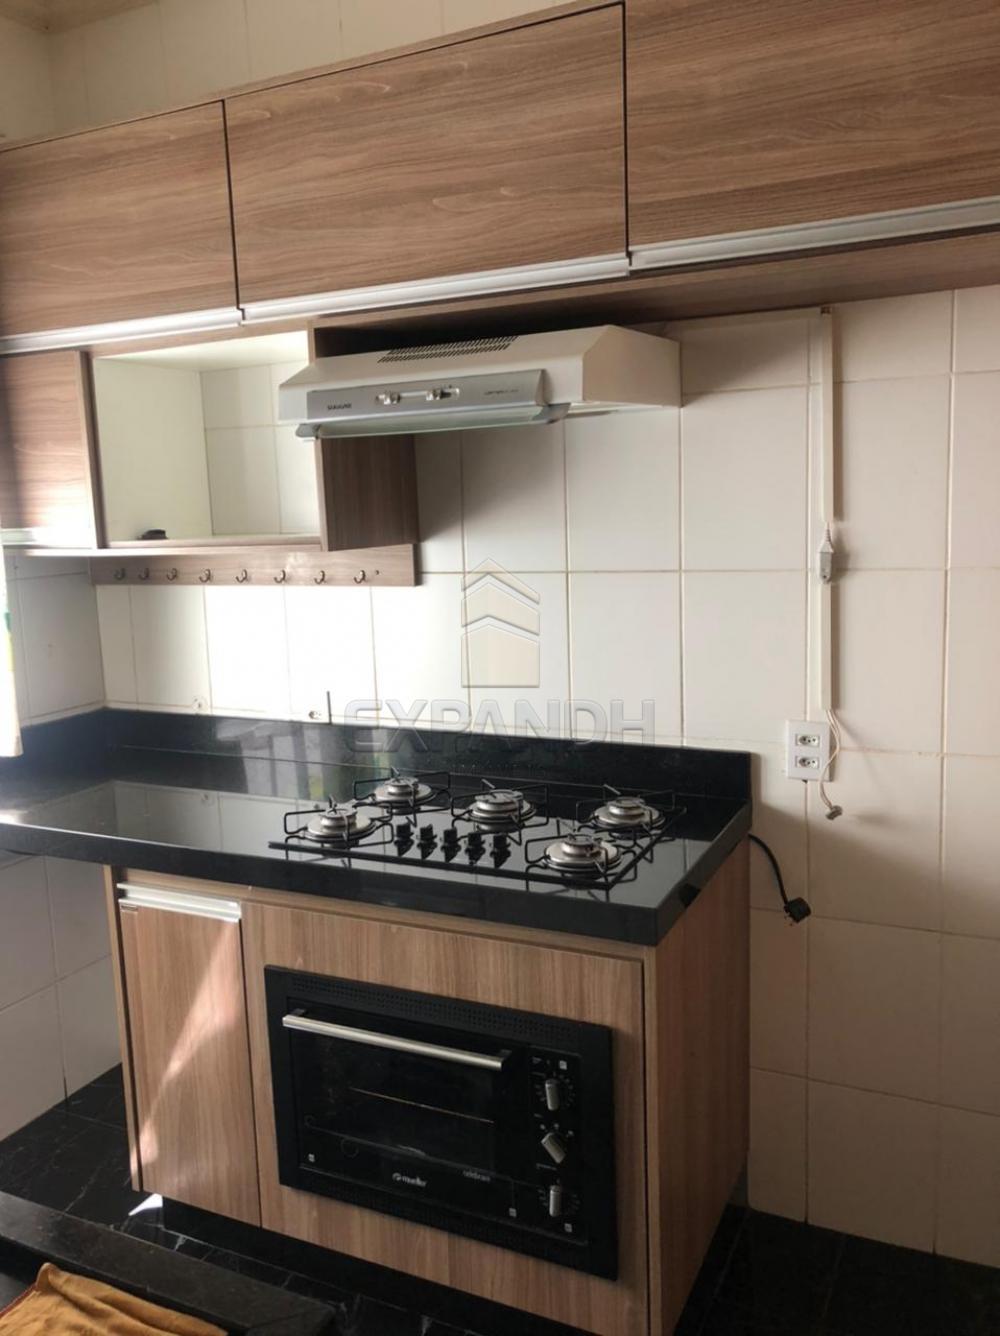 Alugar Apartamentos / Padrão em Sertãozinho R$ 675,00 - Foto 3